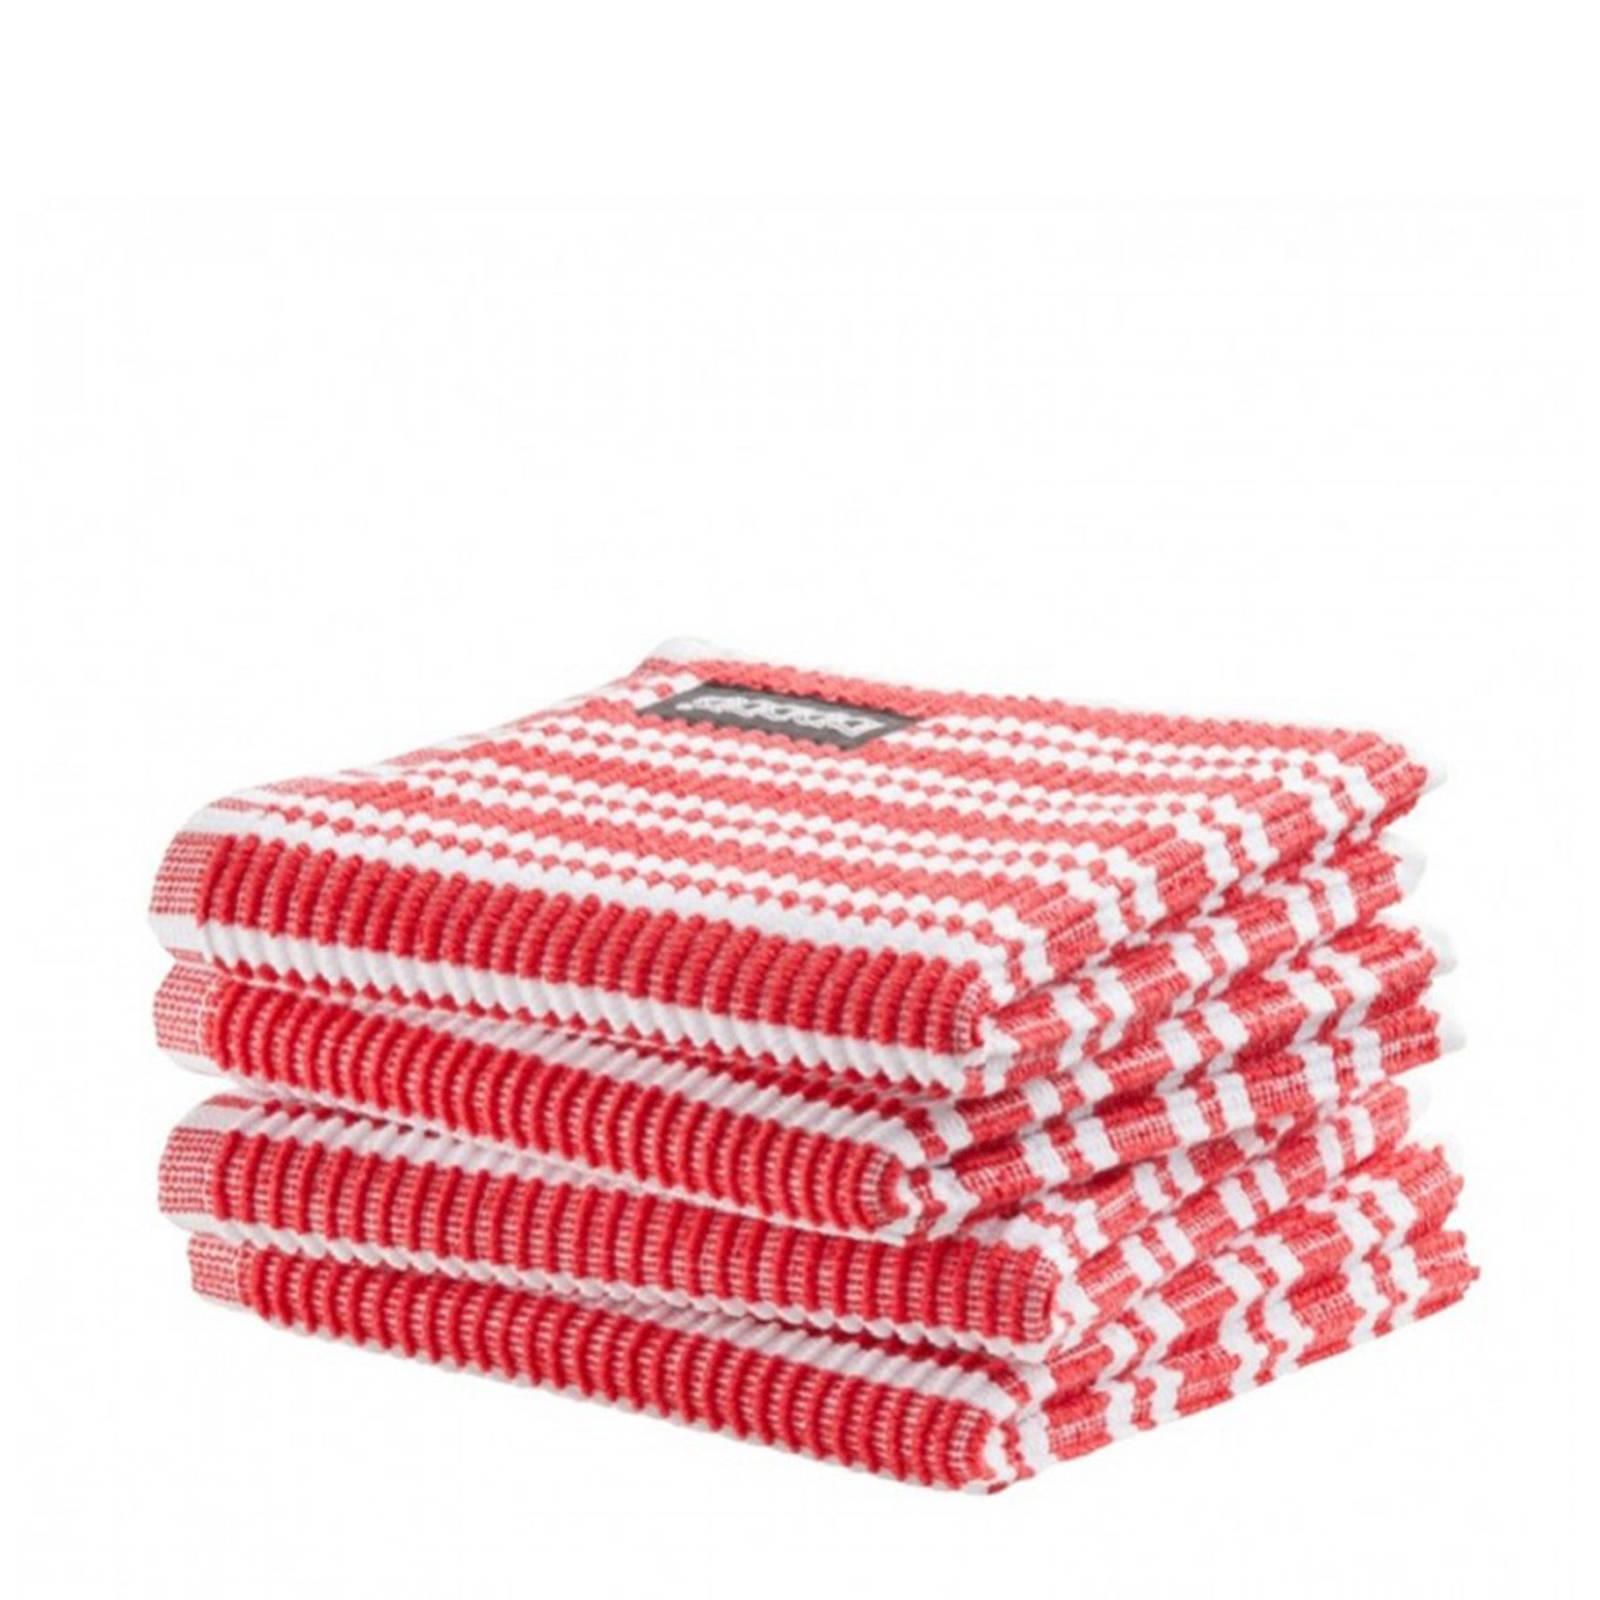 DDDDD Classic Clean vaatdoek set (30x30 cm) (set van 4) online kopen